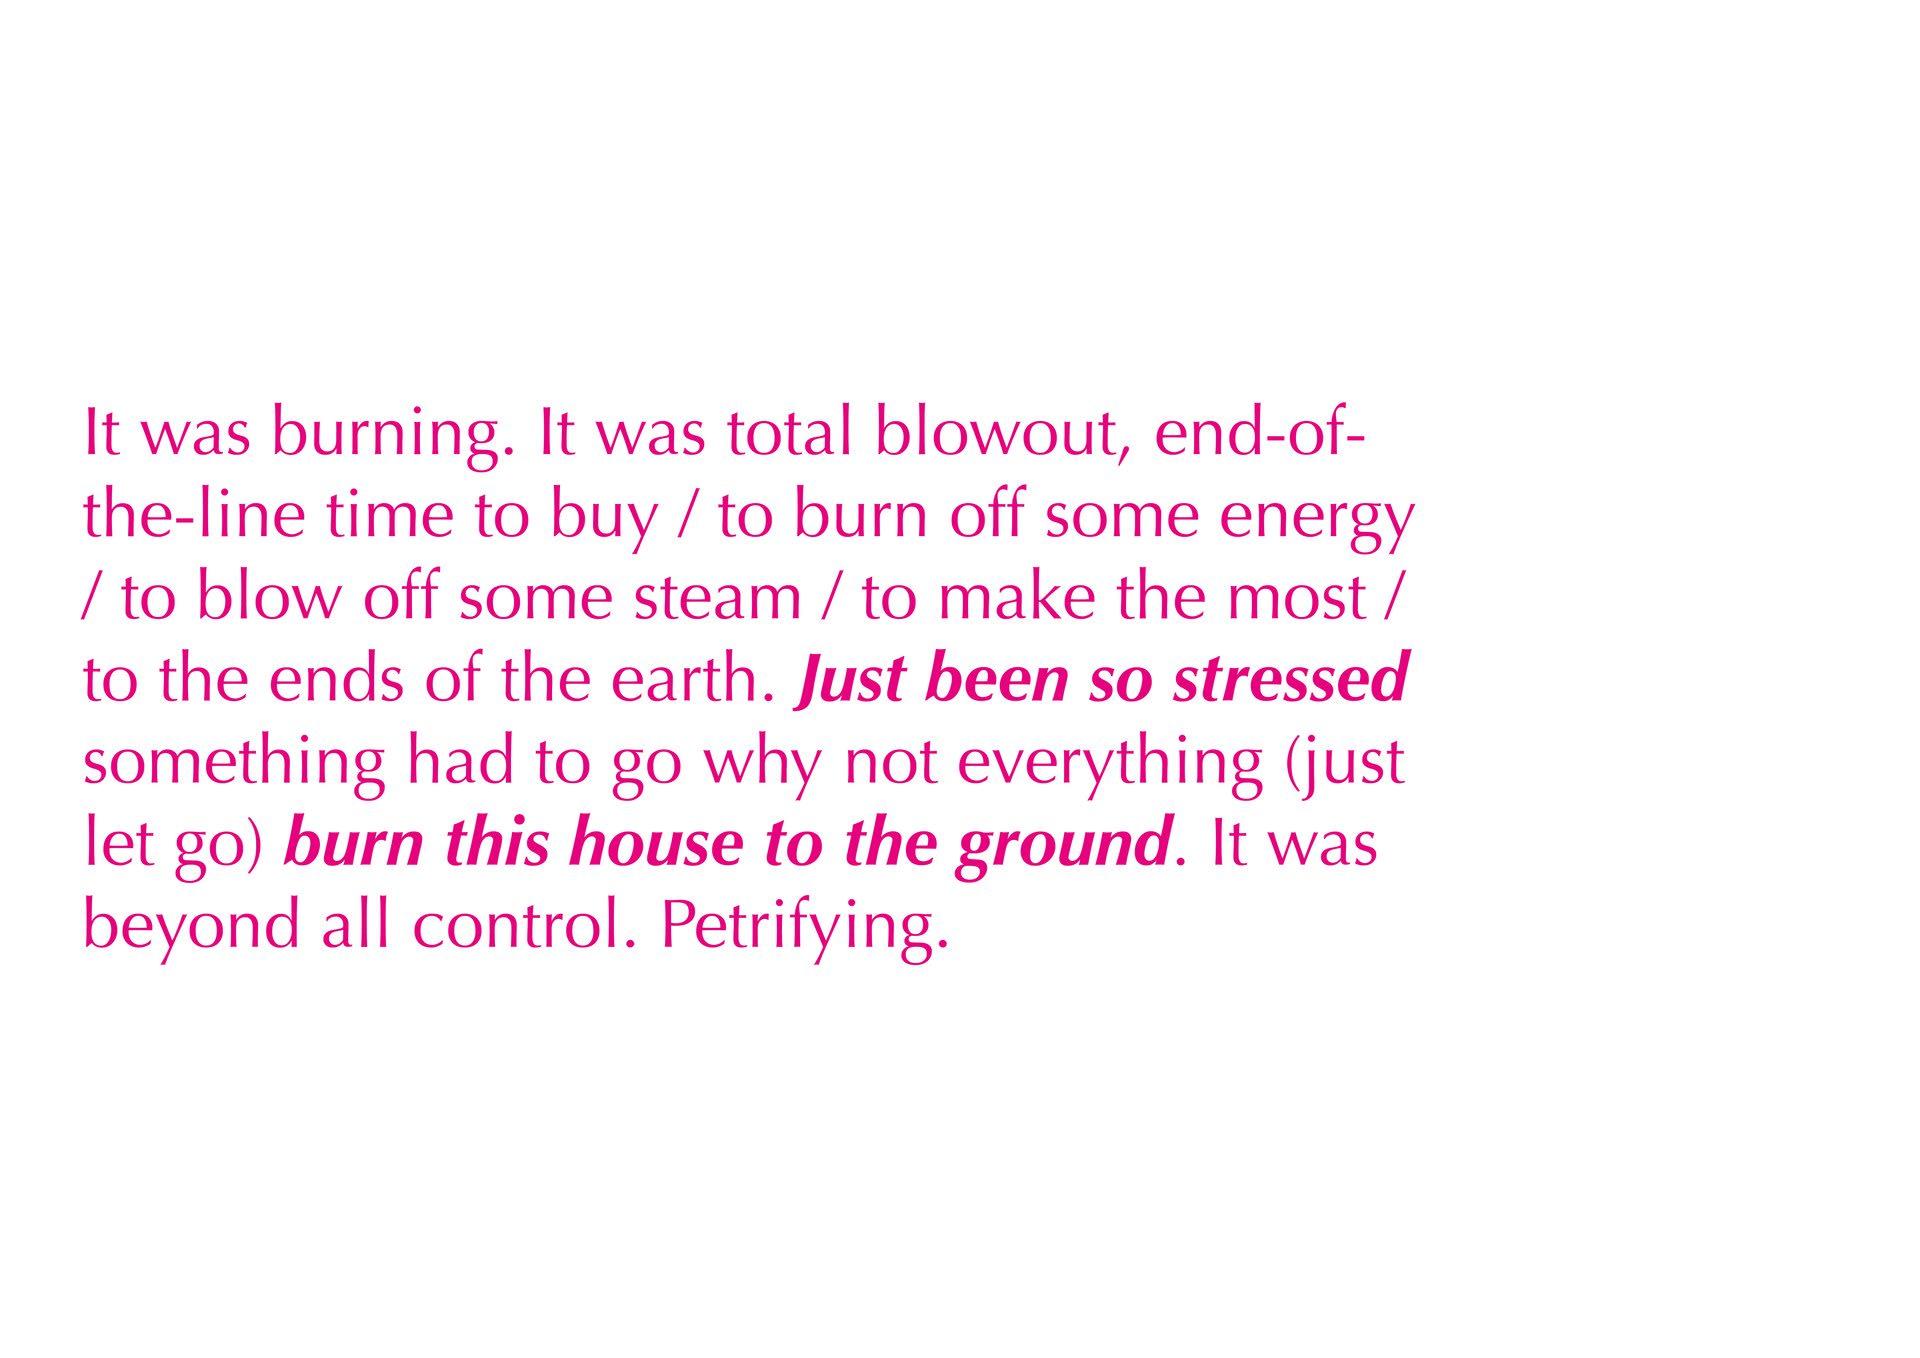 Excerpt 3